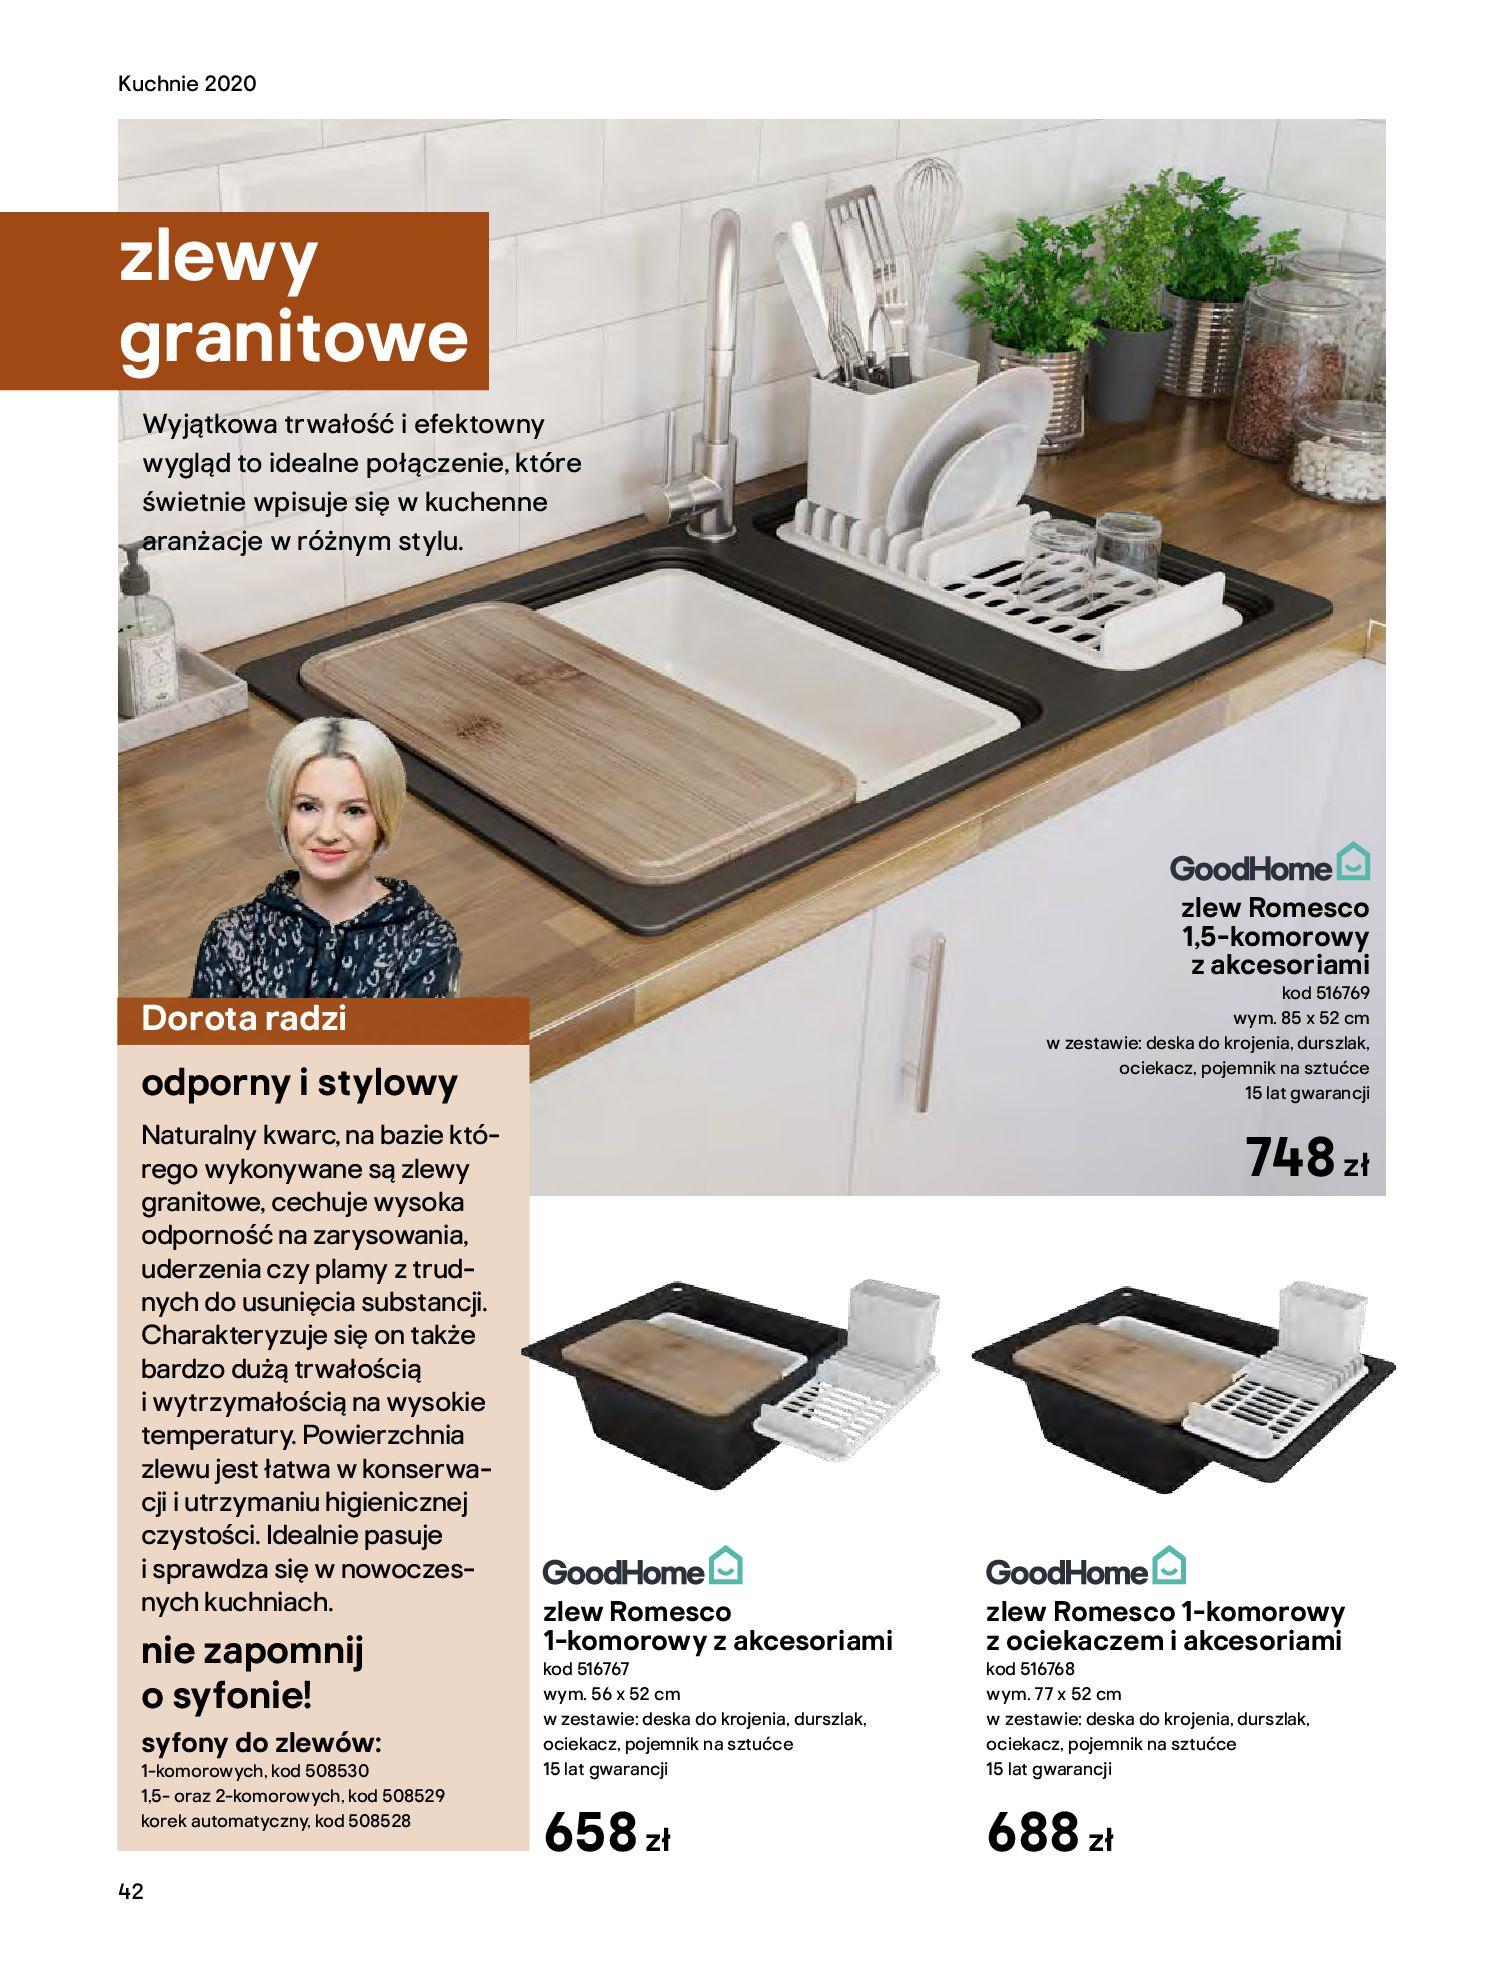 Gazetka Castorama - Katalog Kuchnie 2020-14.04.2020-31.12.2020-page-42